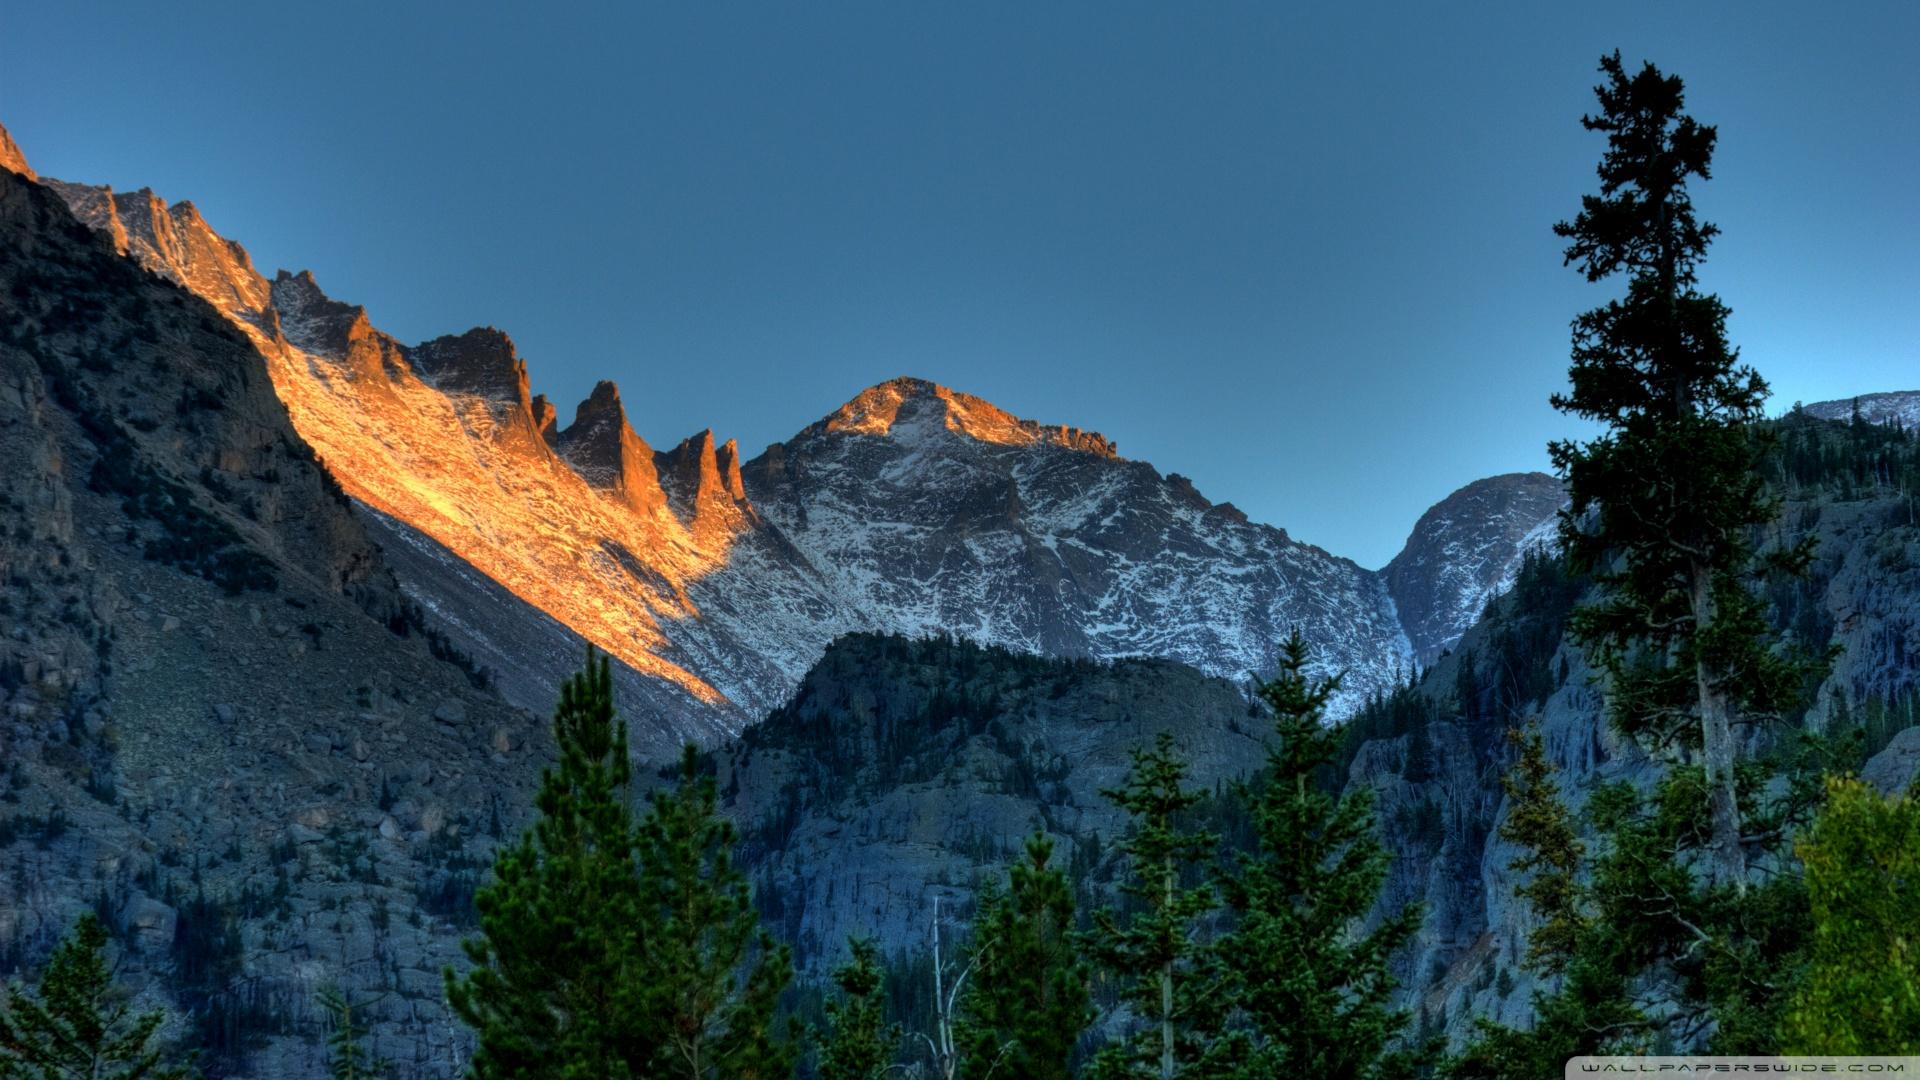 mountain 5 rocky mountain 6 rocky mountain 7 rocky mountain 8 rocky 1920x1080